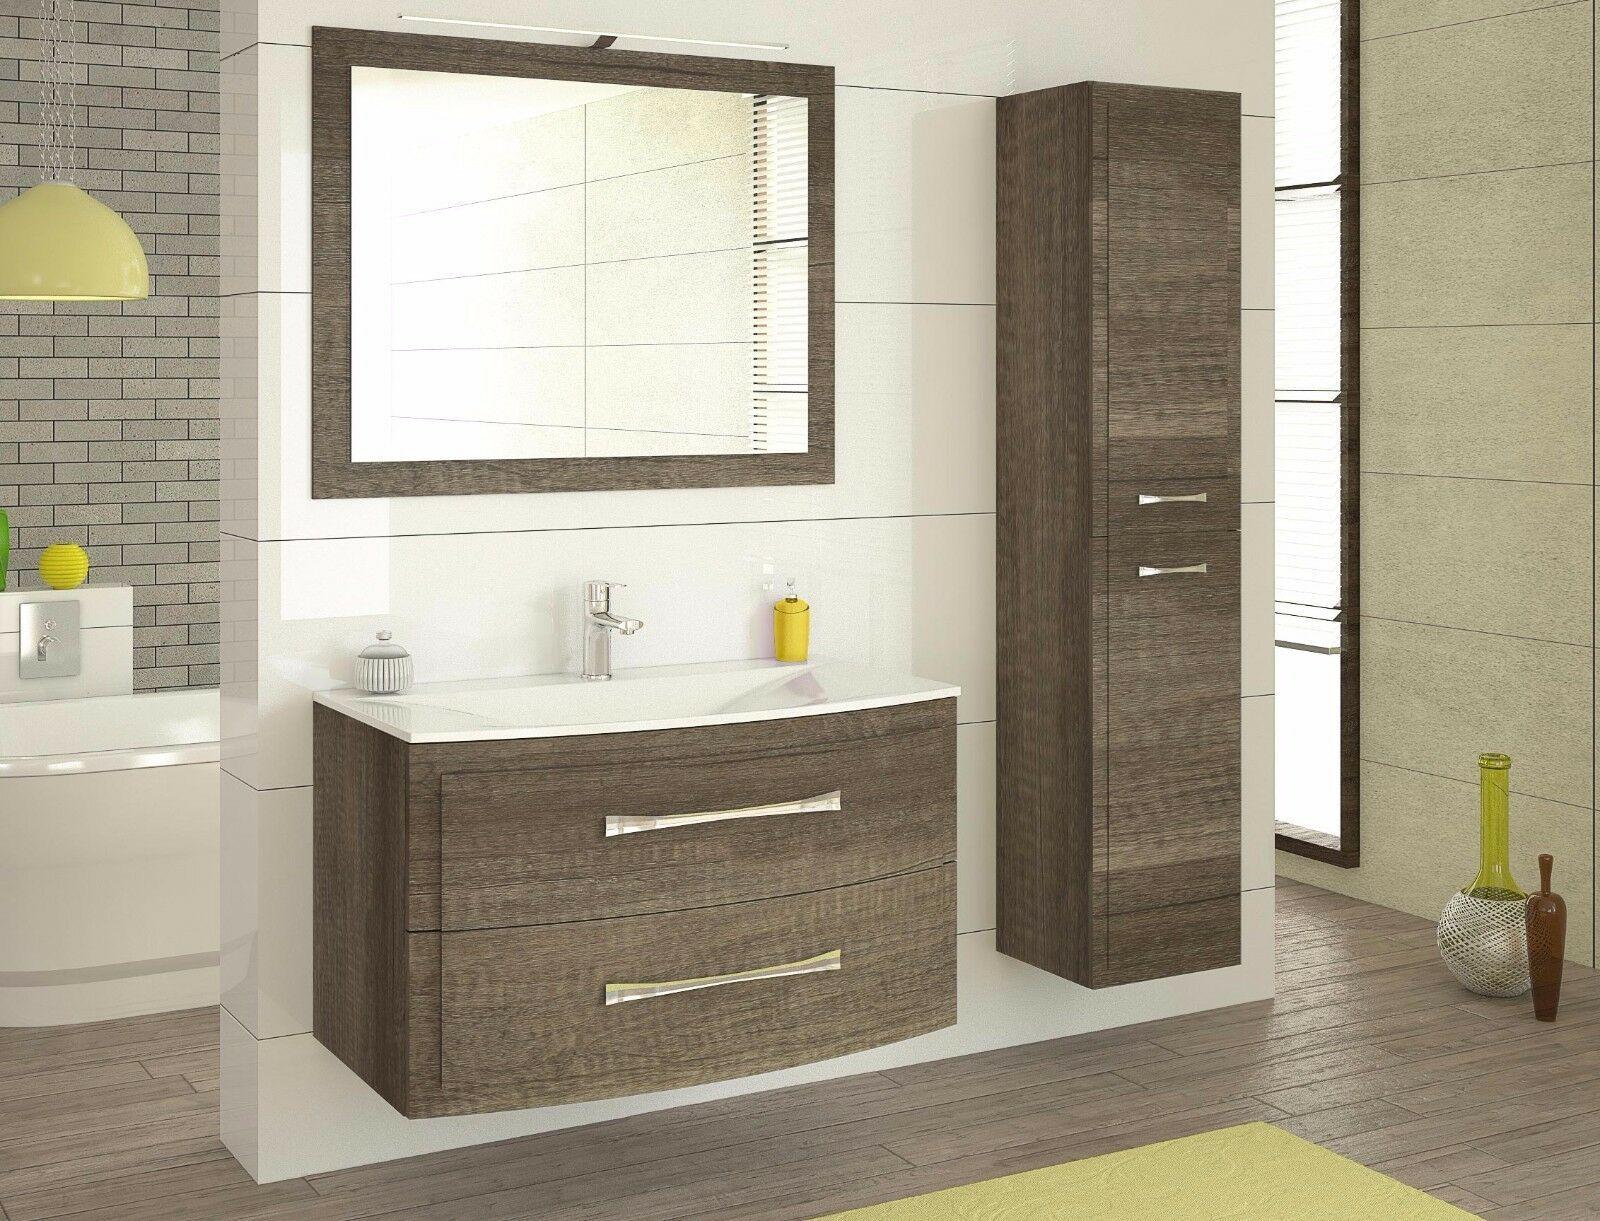 Badmobel Set Luna Eiche Karbon Badezimmer Mobel Badset Mit Waschbecken Led Badezimmermobel Ideen In 2020 Lighted Bathroom Mirror Bathroom Mirror Bathroom Vanity